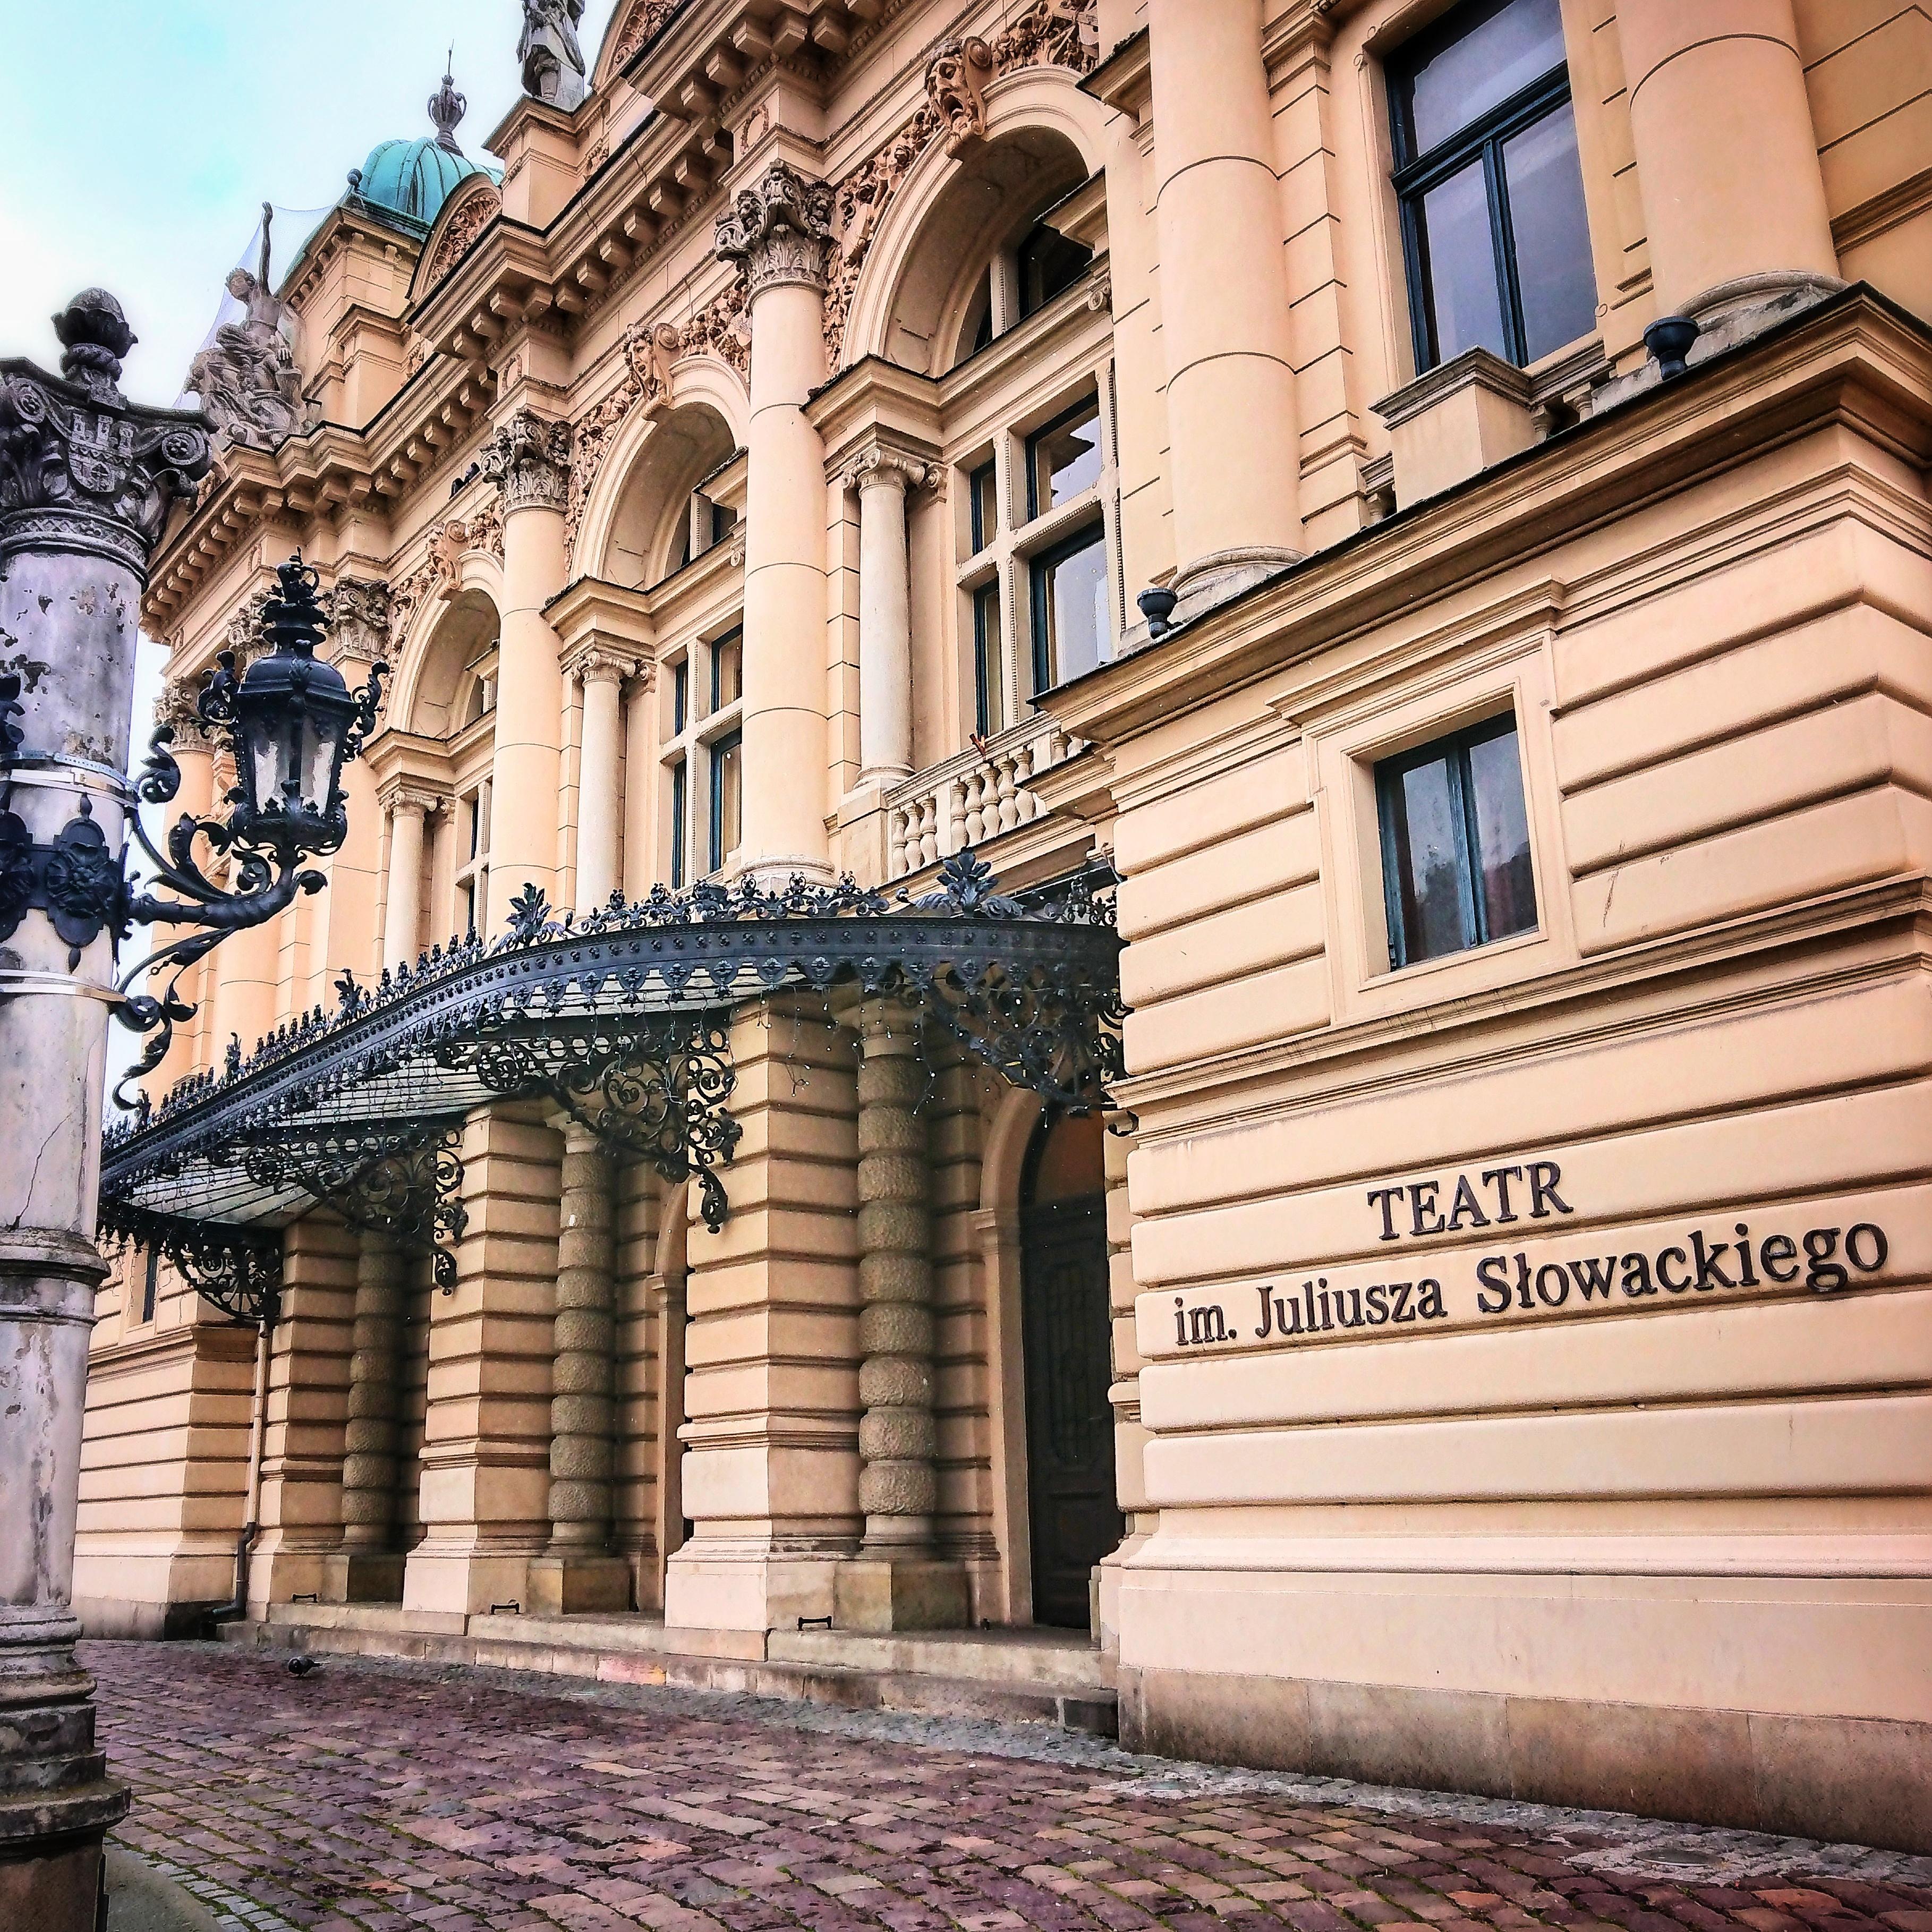 Teatr im. Juliusza Słowackiego, źródło: archiwum autorki